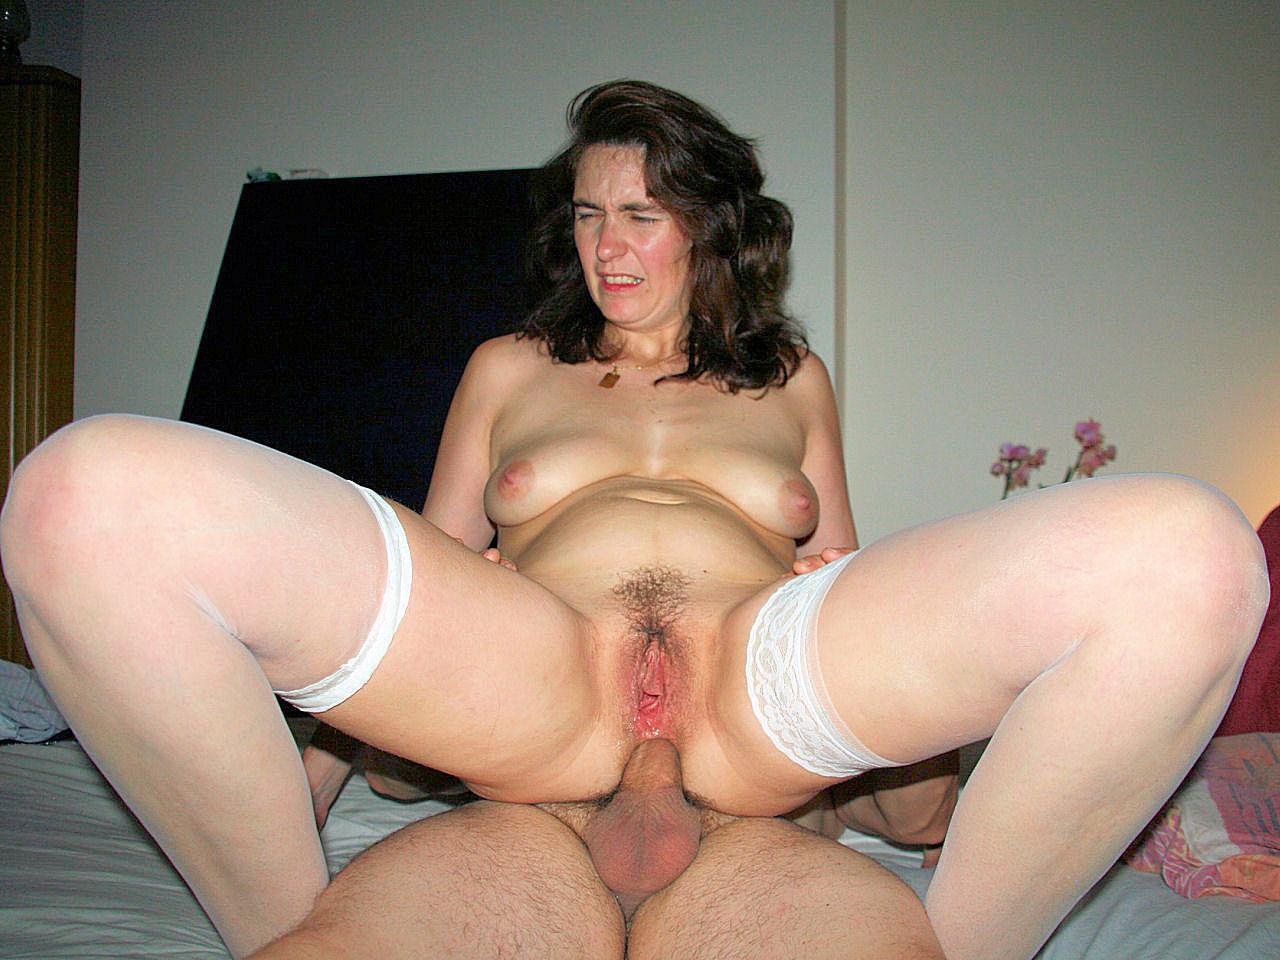 частное порно фото взрослых женщин